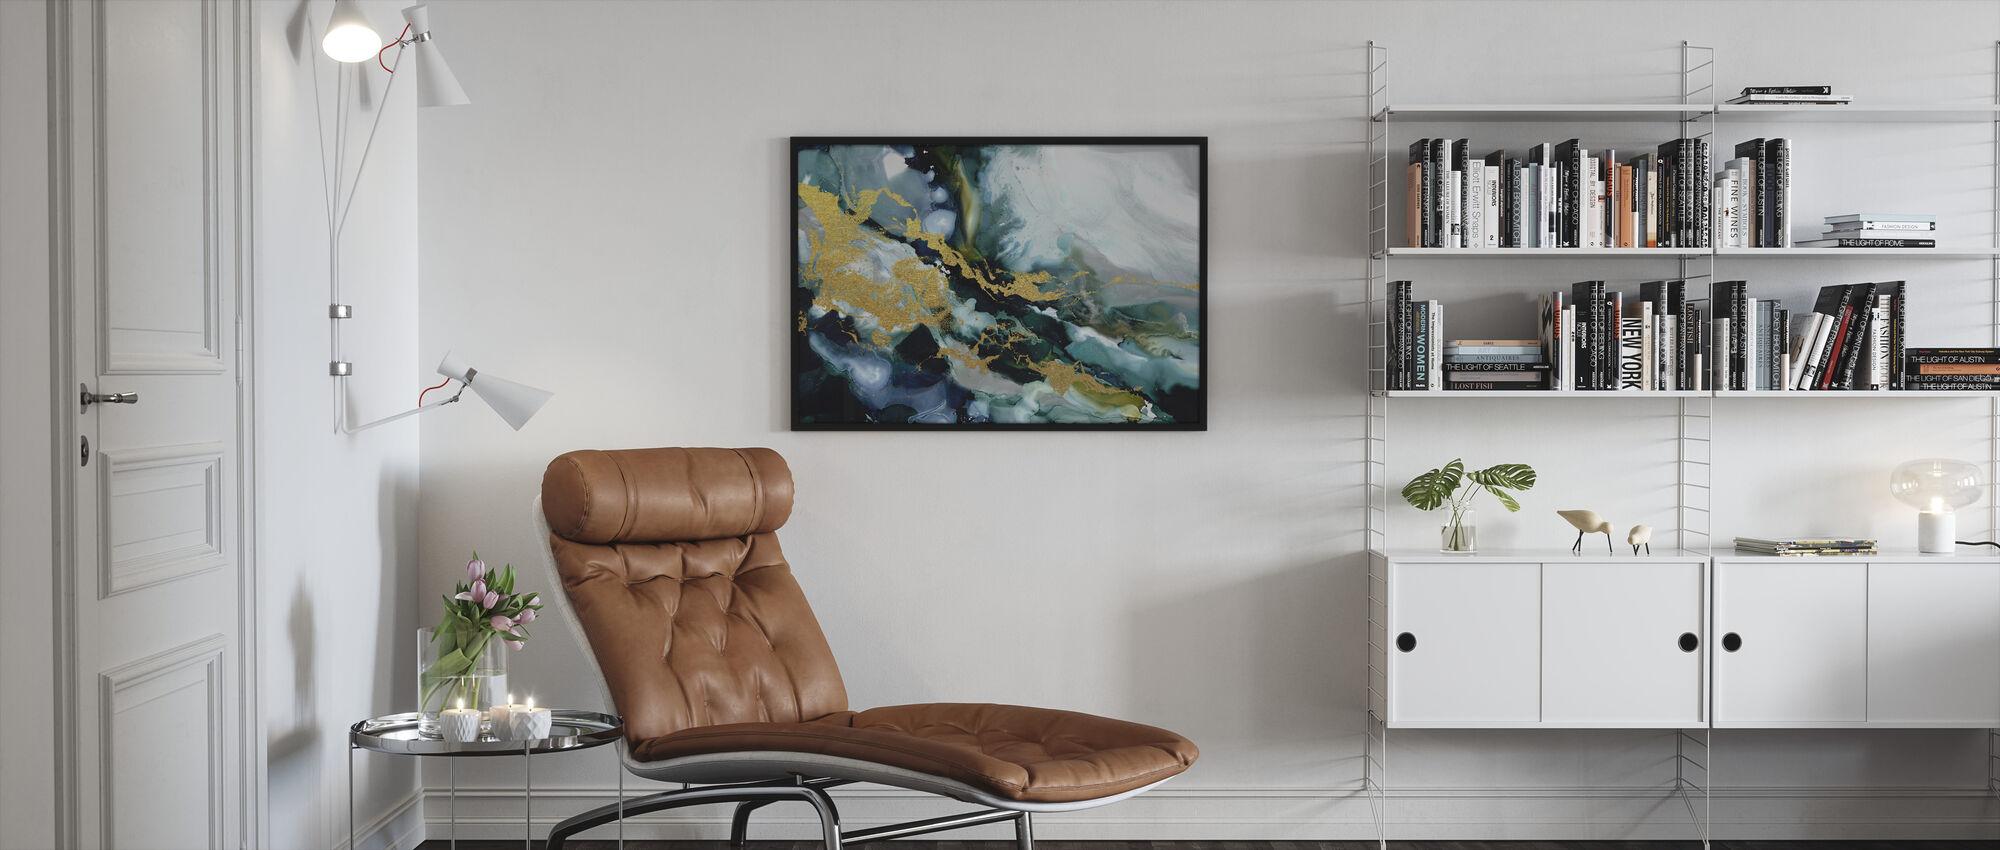 Golden Riptide - Framed print - Living Room